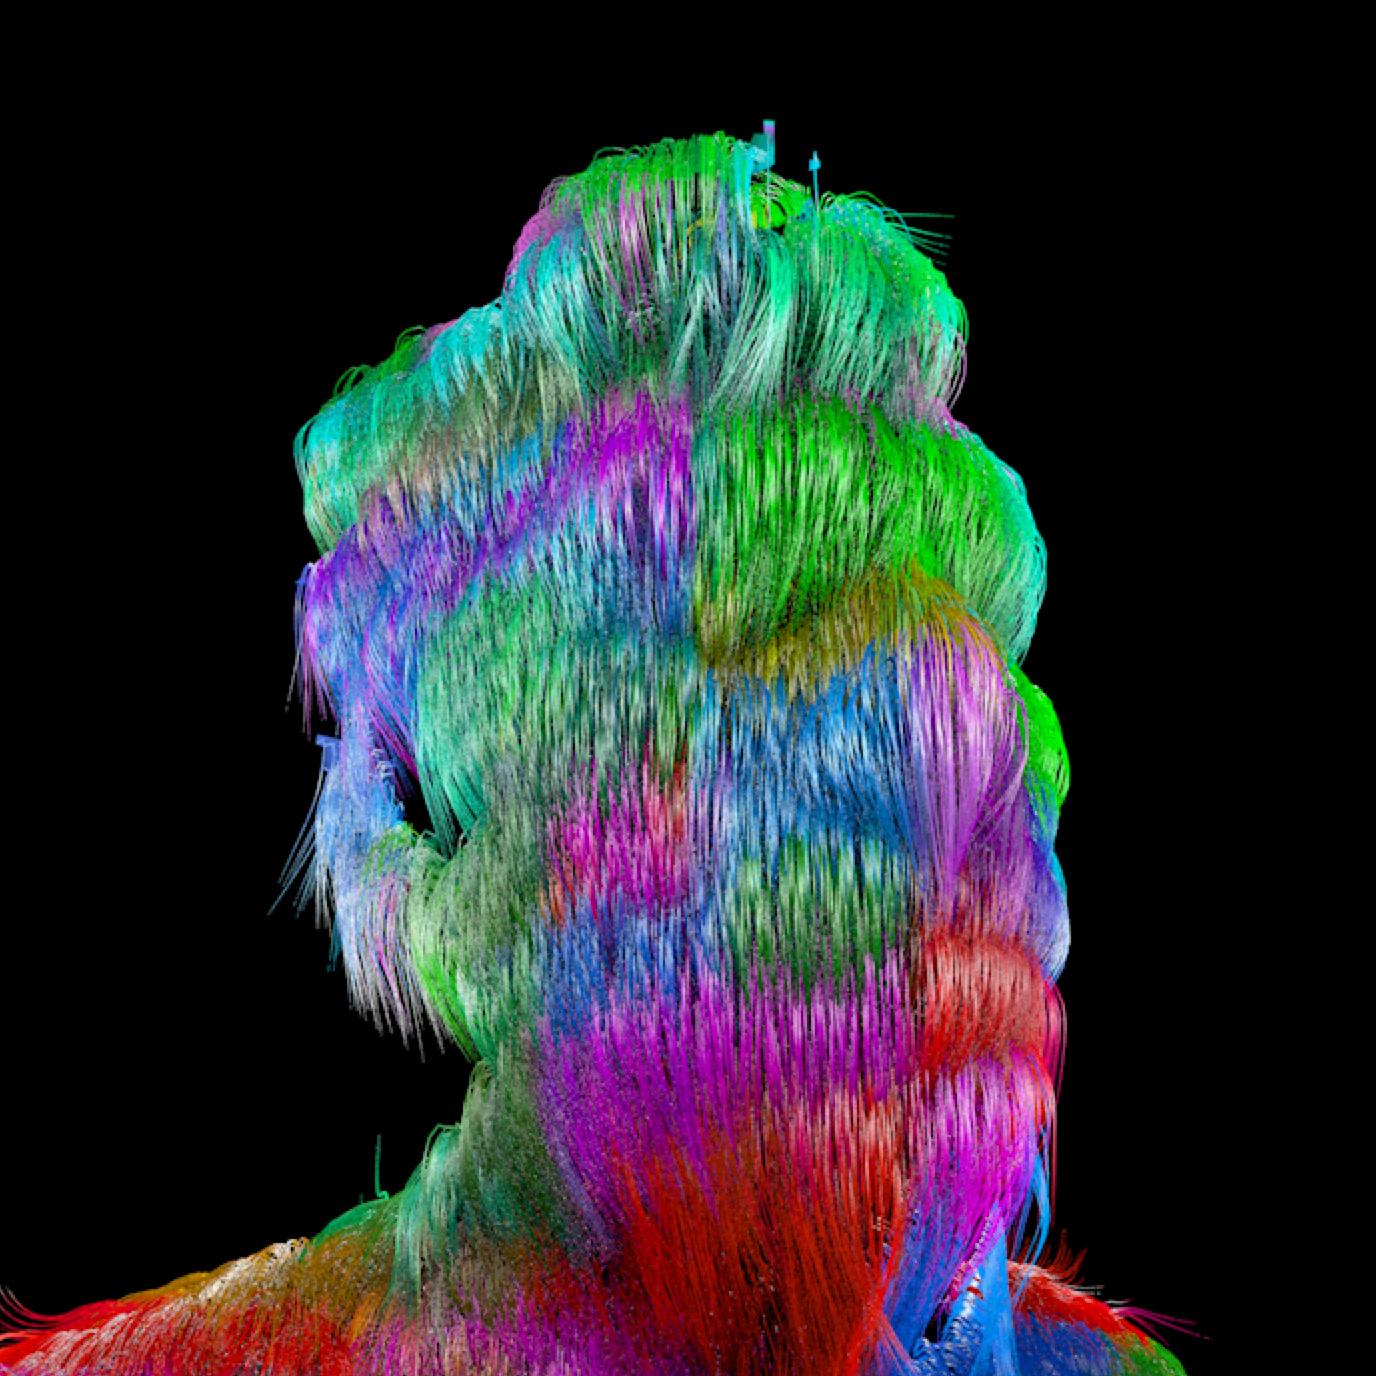 me_colorful_hair.jpg